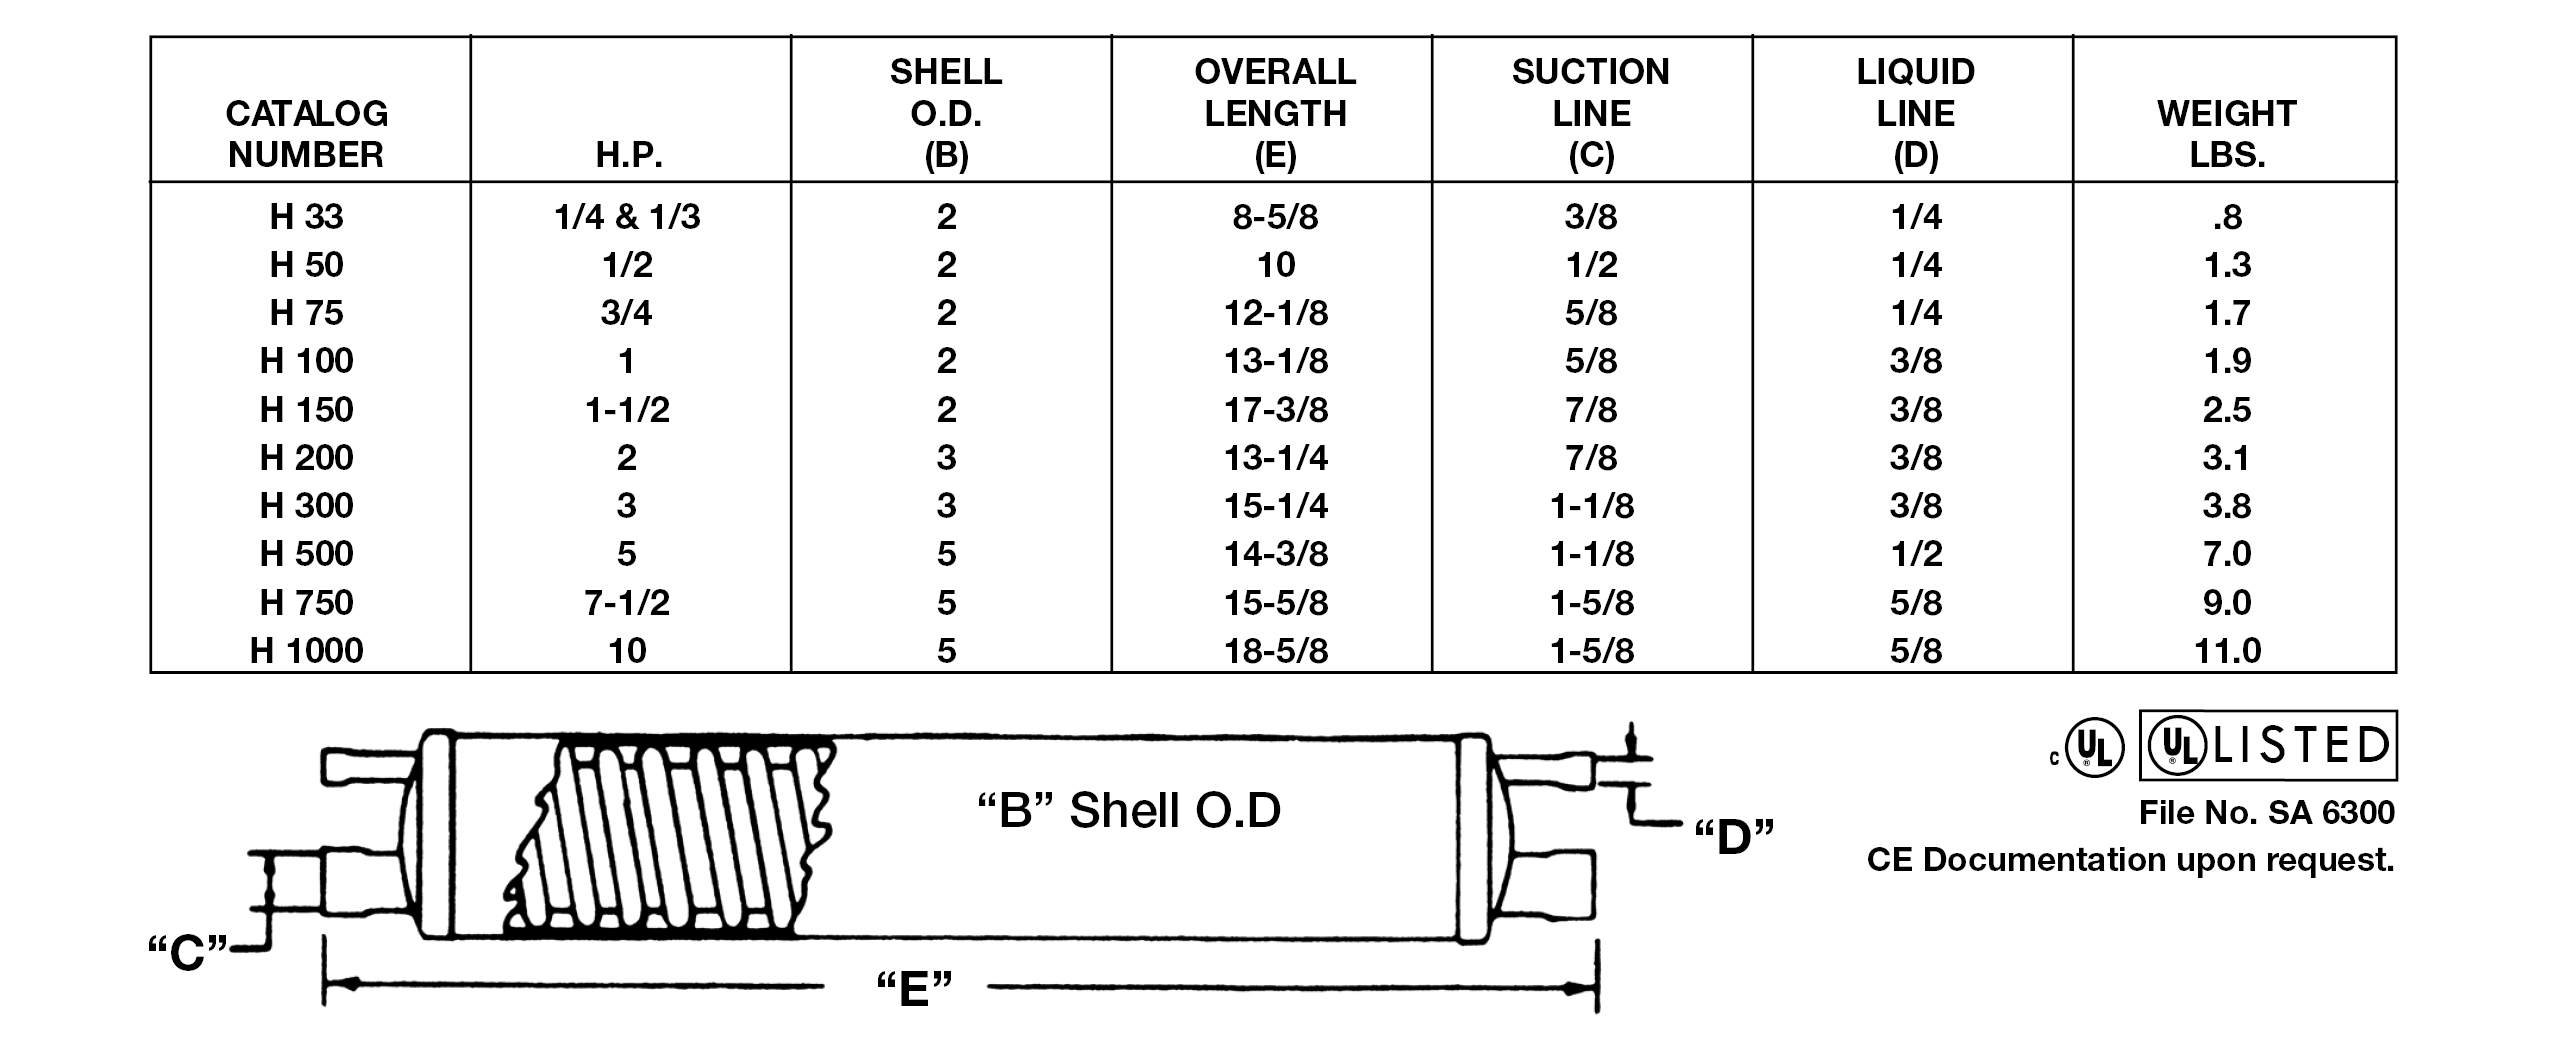 Heat Exchangers - Deluxe Subcooling Data